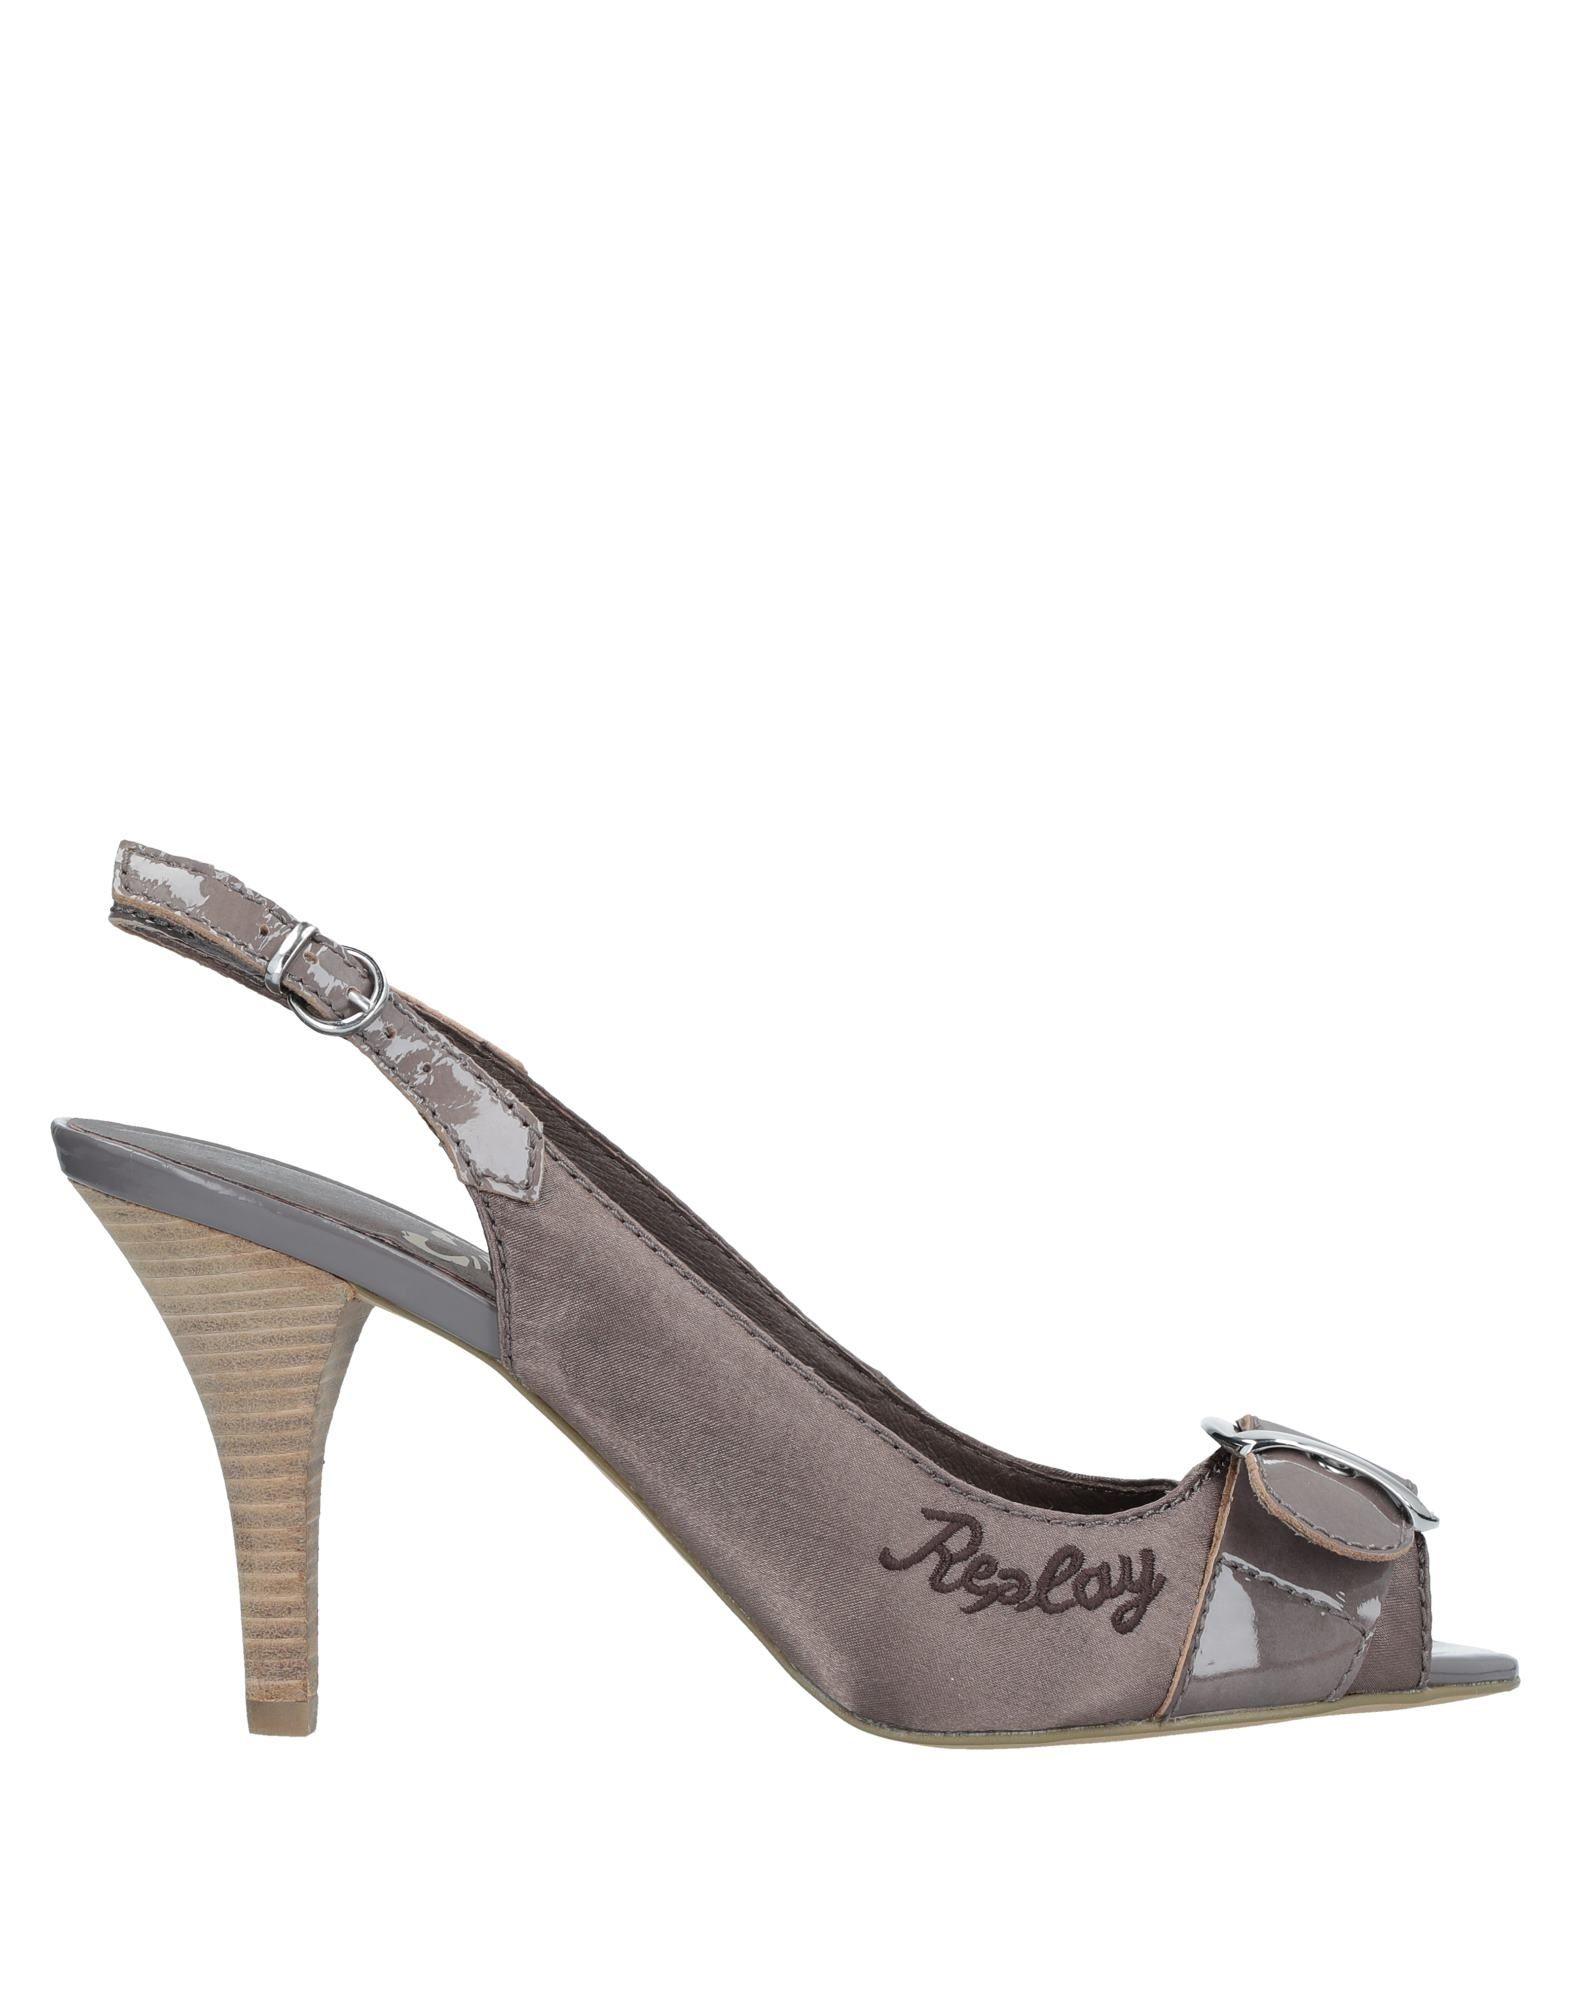 Replay Sandalen Damen  11533787SQ Gute Qualität beliebte Schuhe